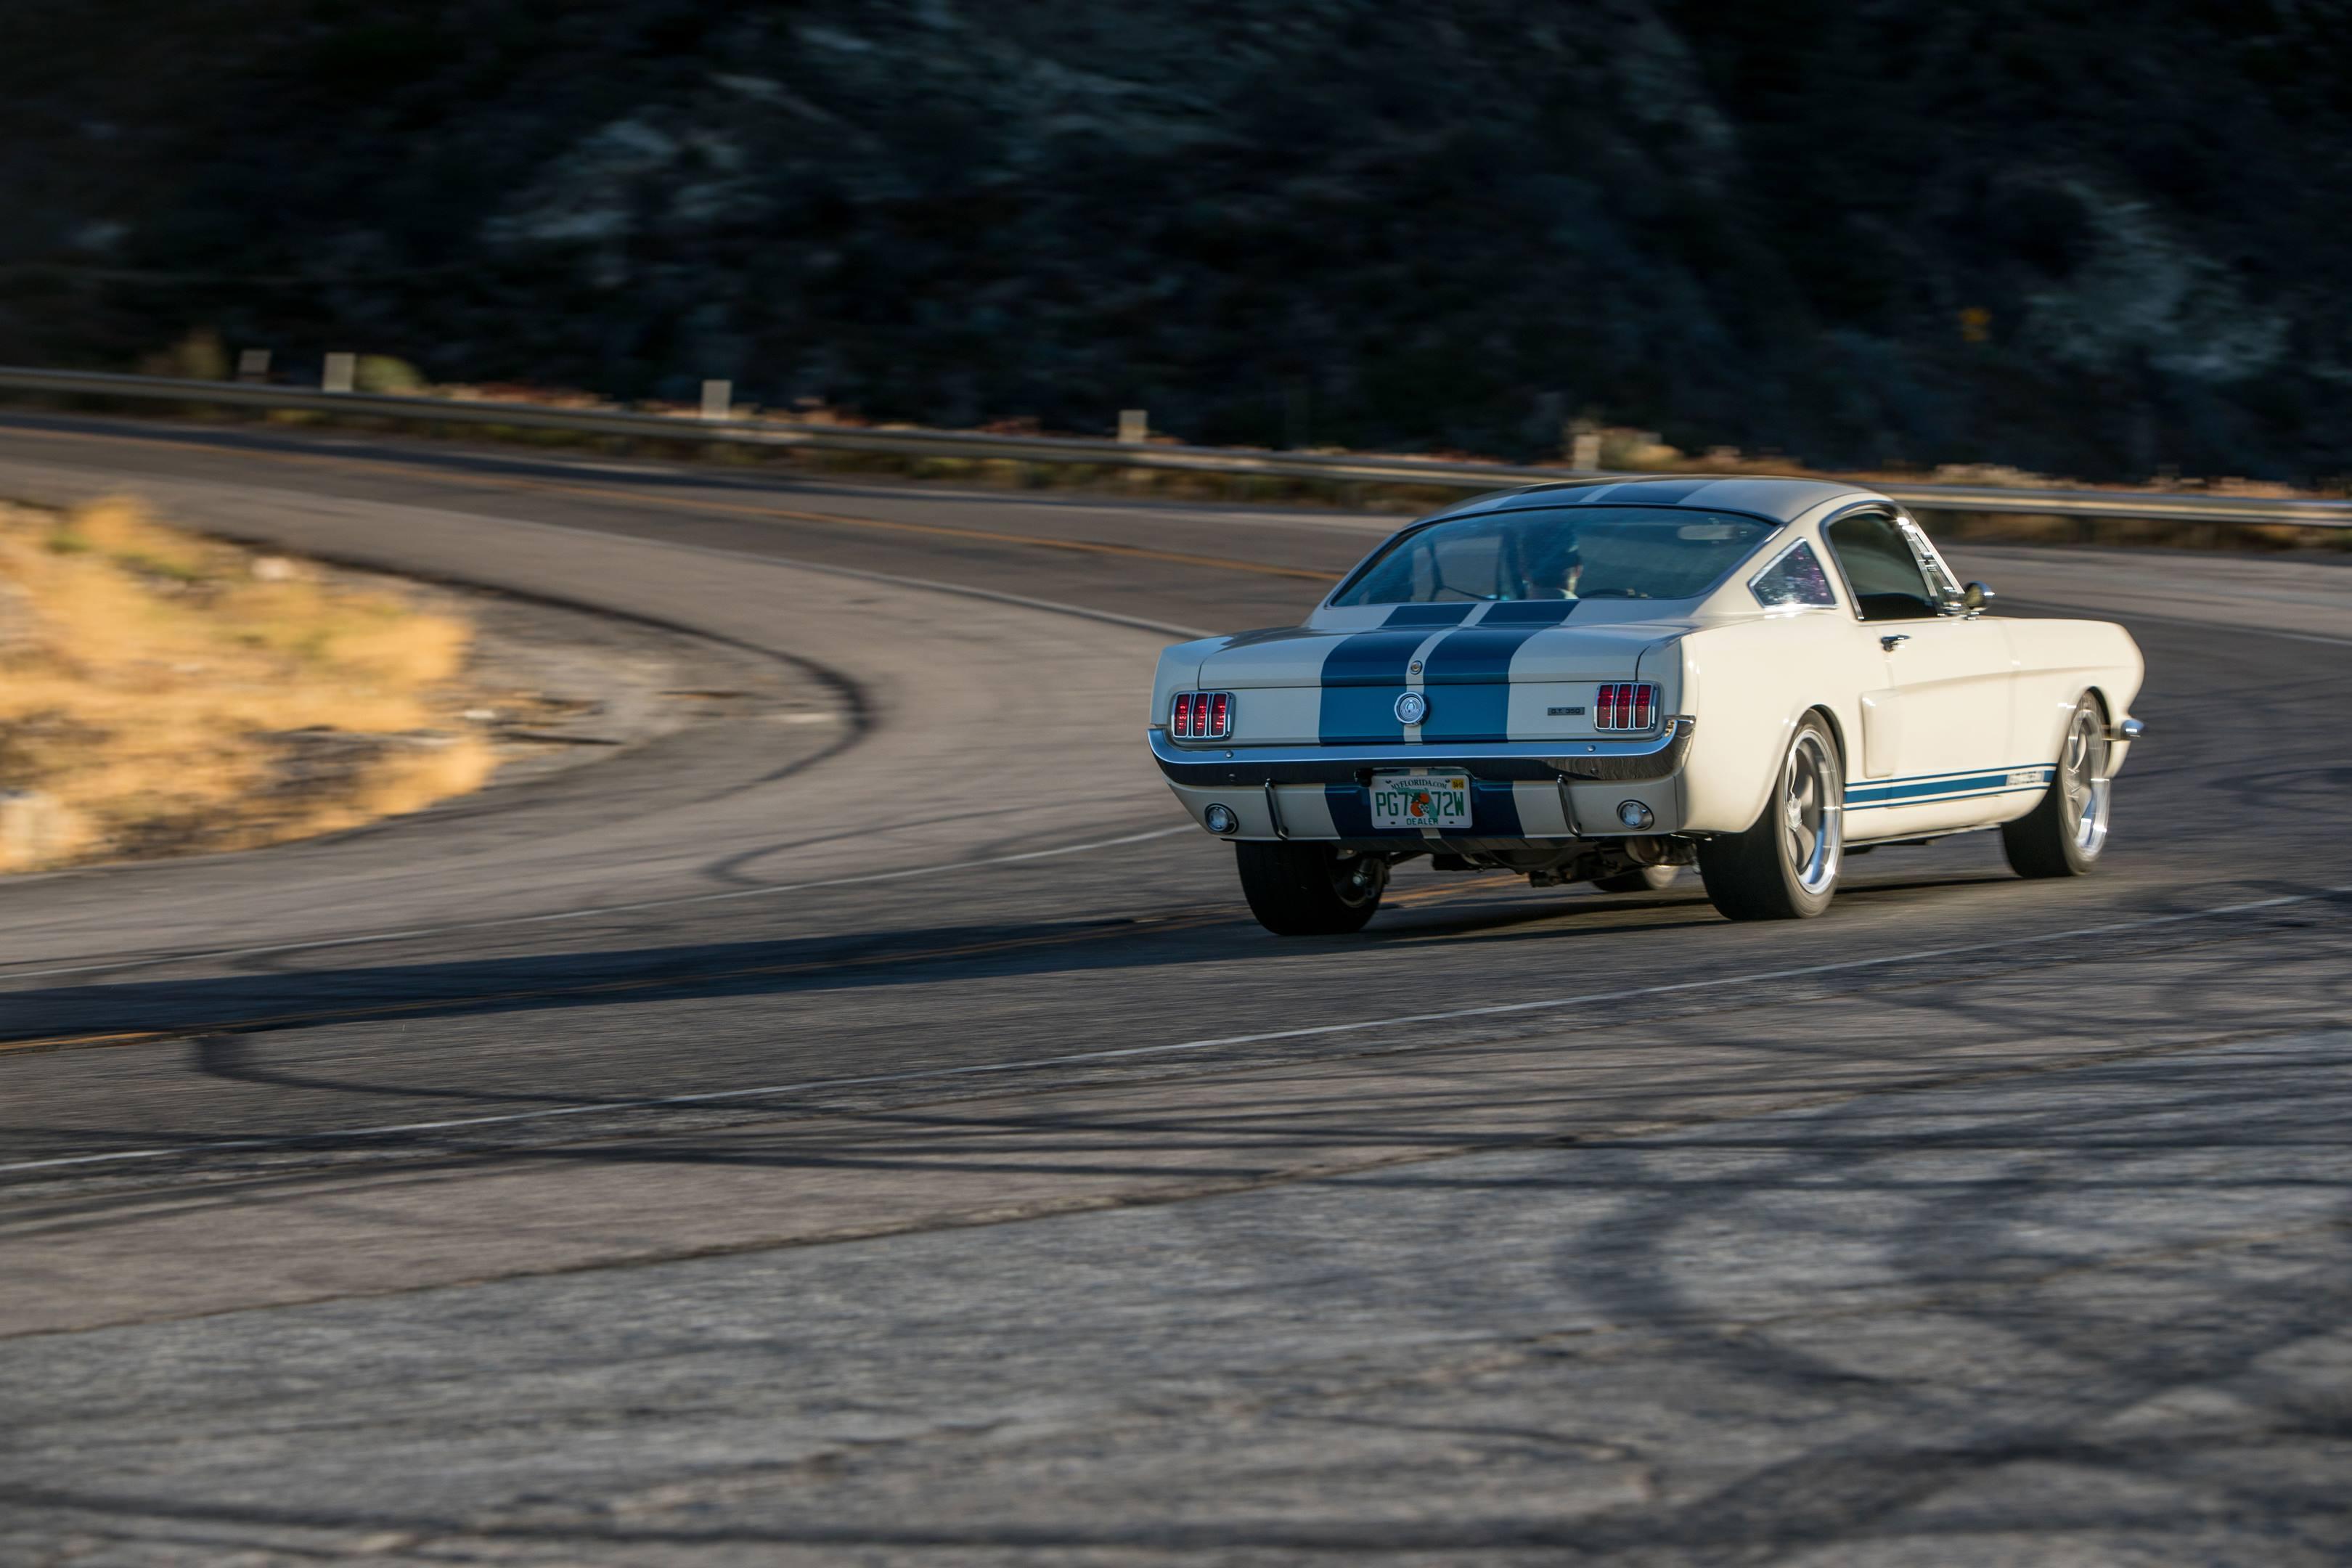 Revology GT350 driving rear 3/4